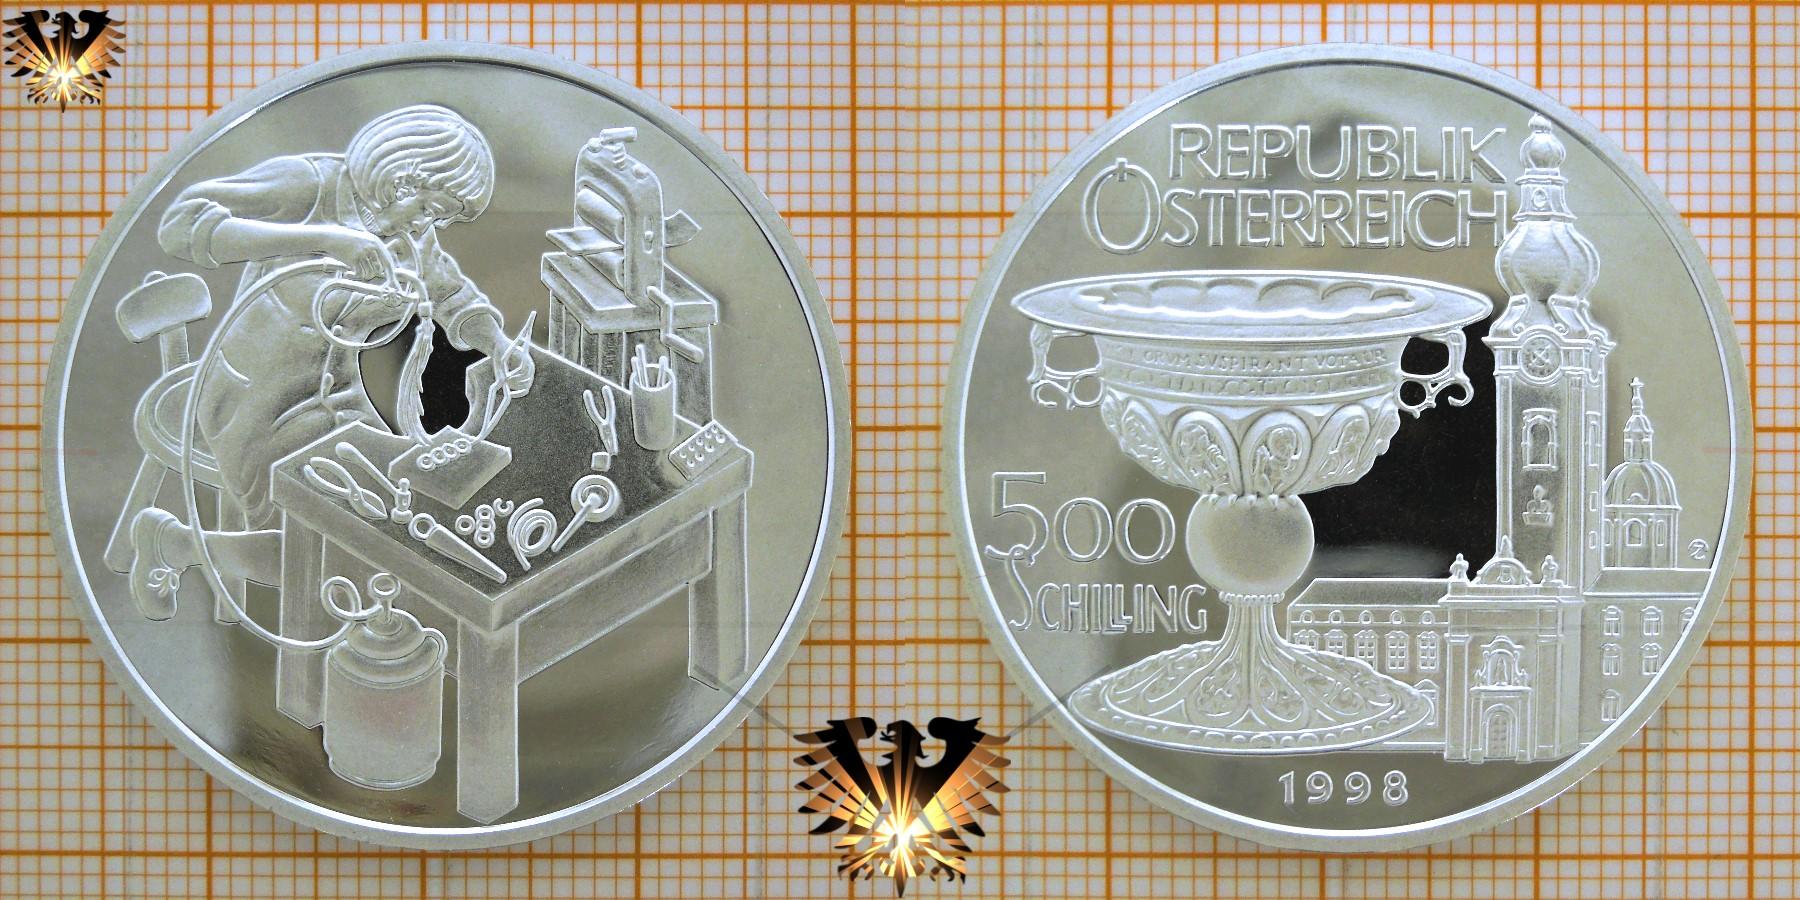 500 Schilling 1998 Der Goldschmied Republik österreich Münze Silber